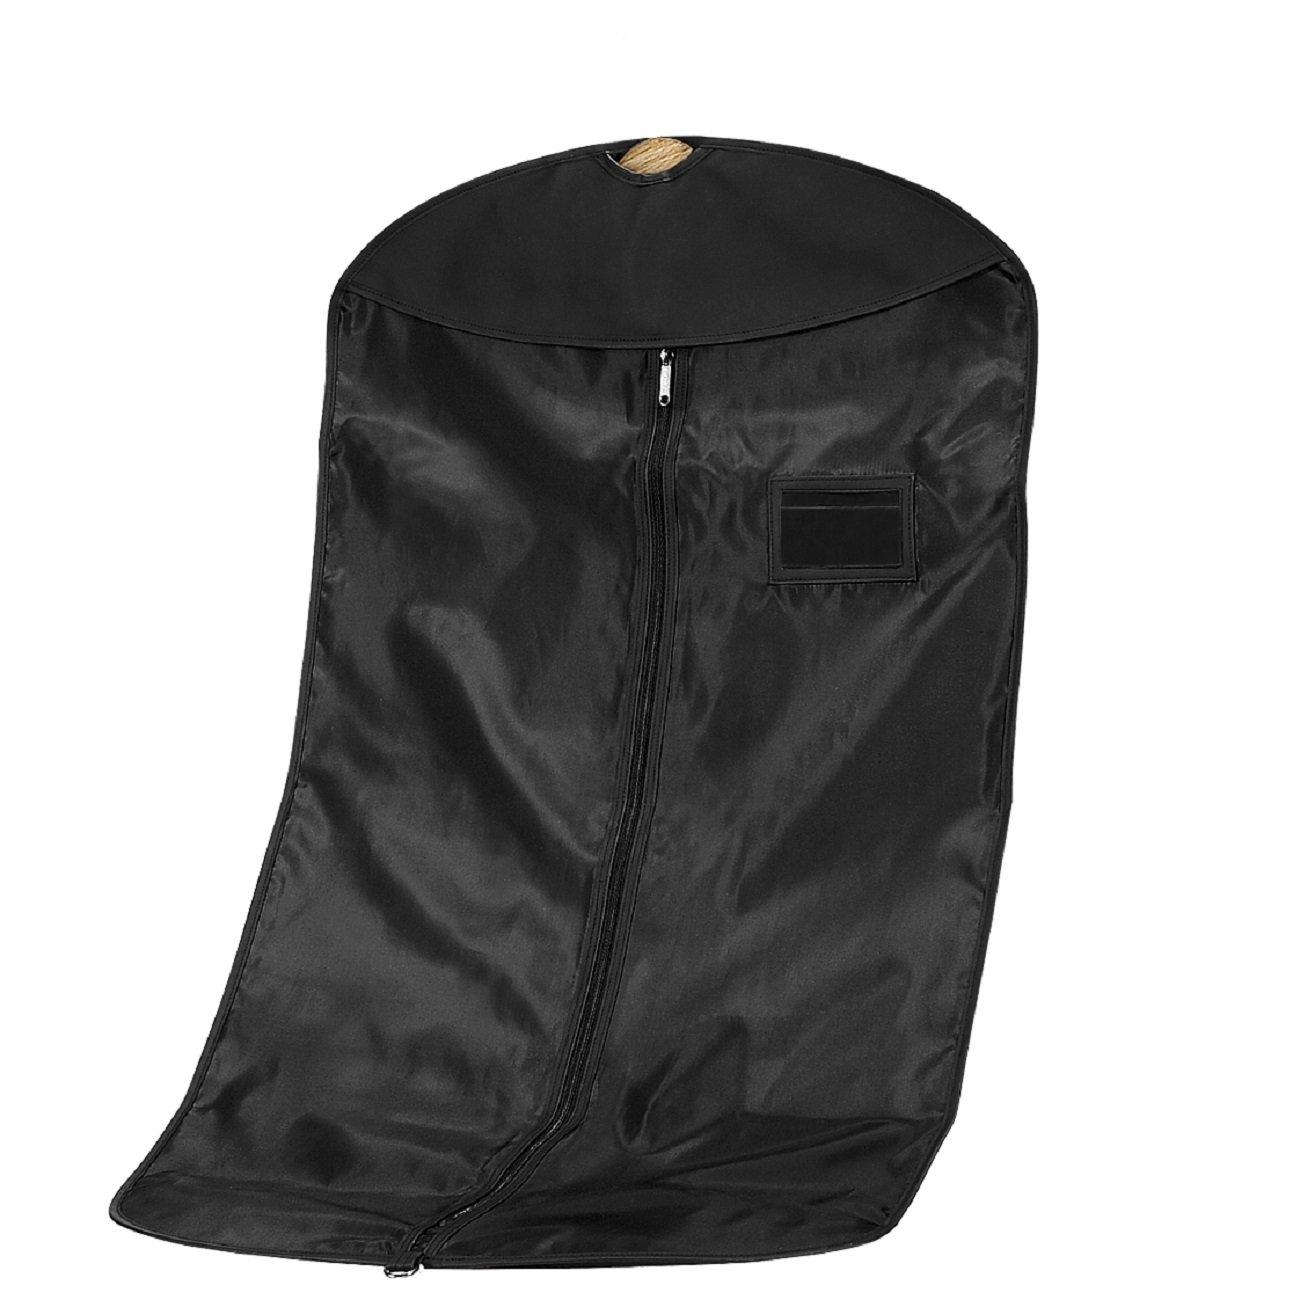 Quadra Men's QD031BLAC Deluxe Suit Cover, Black, One Size